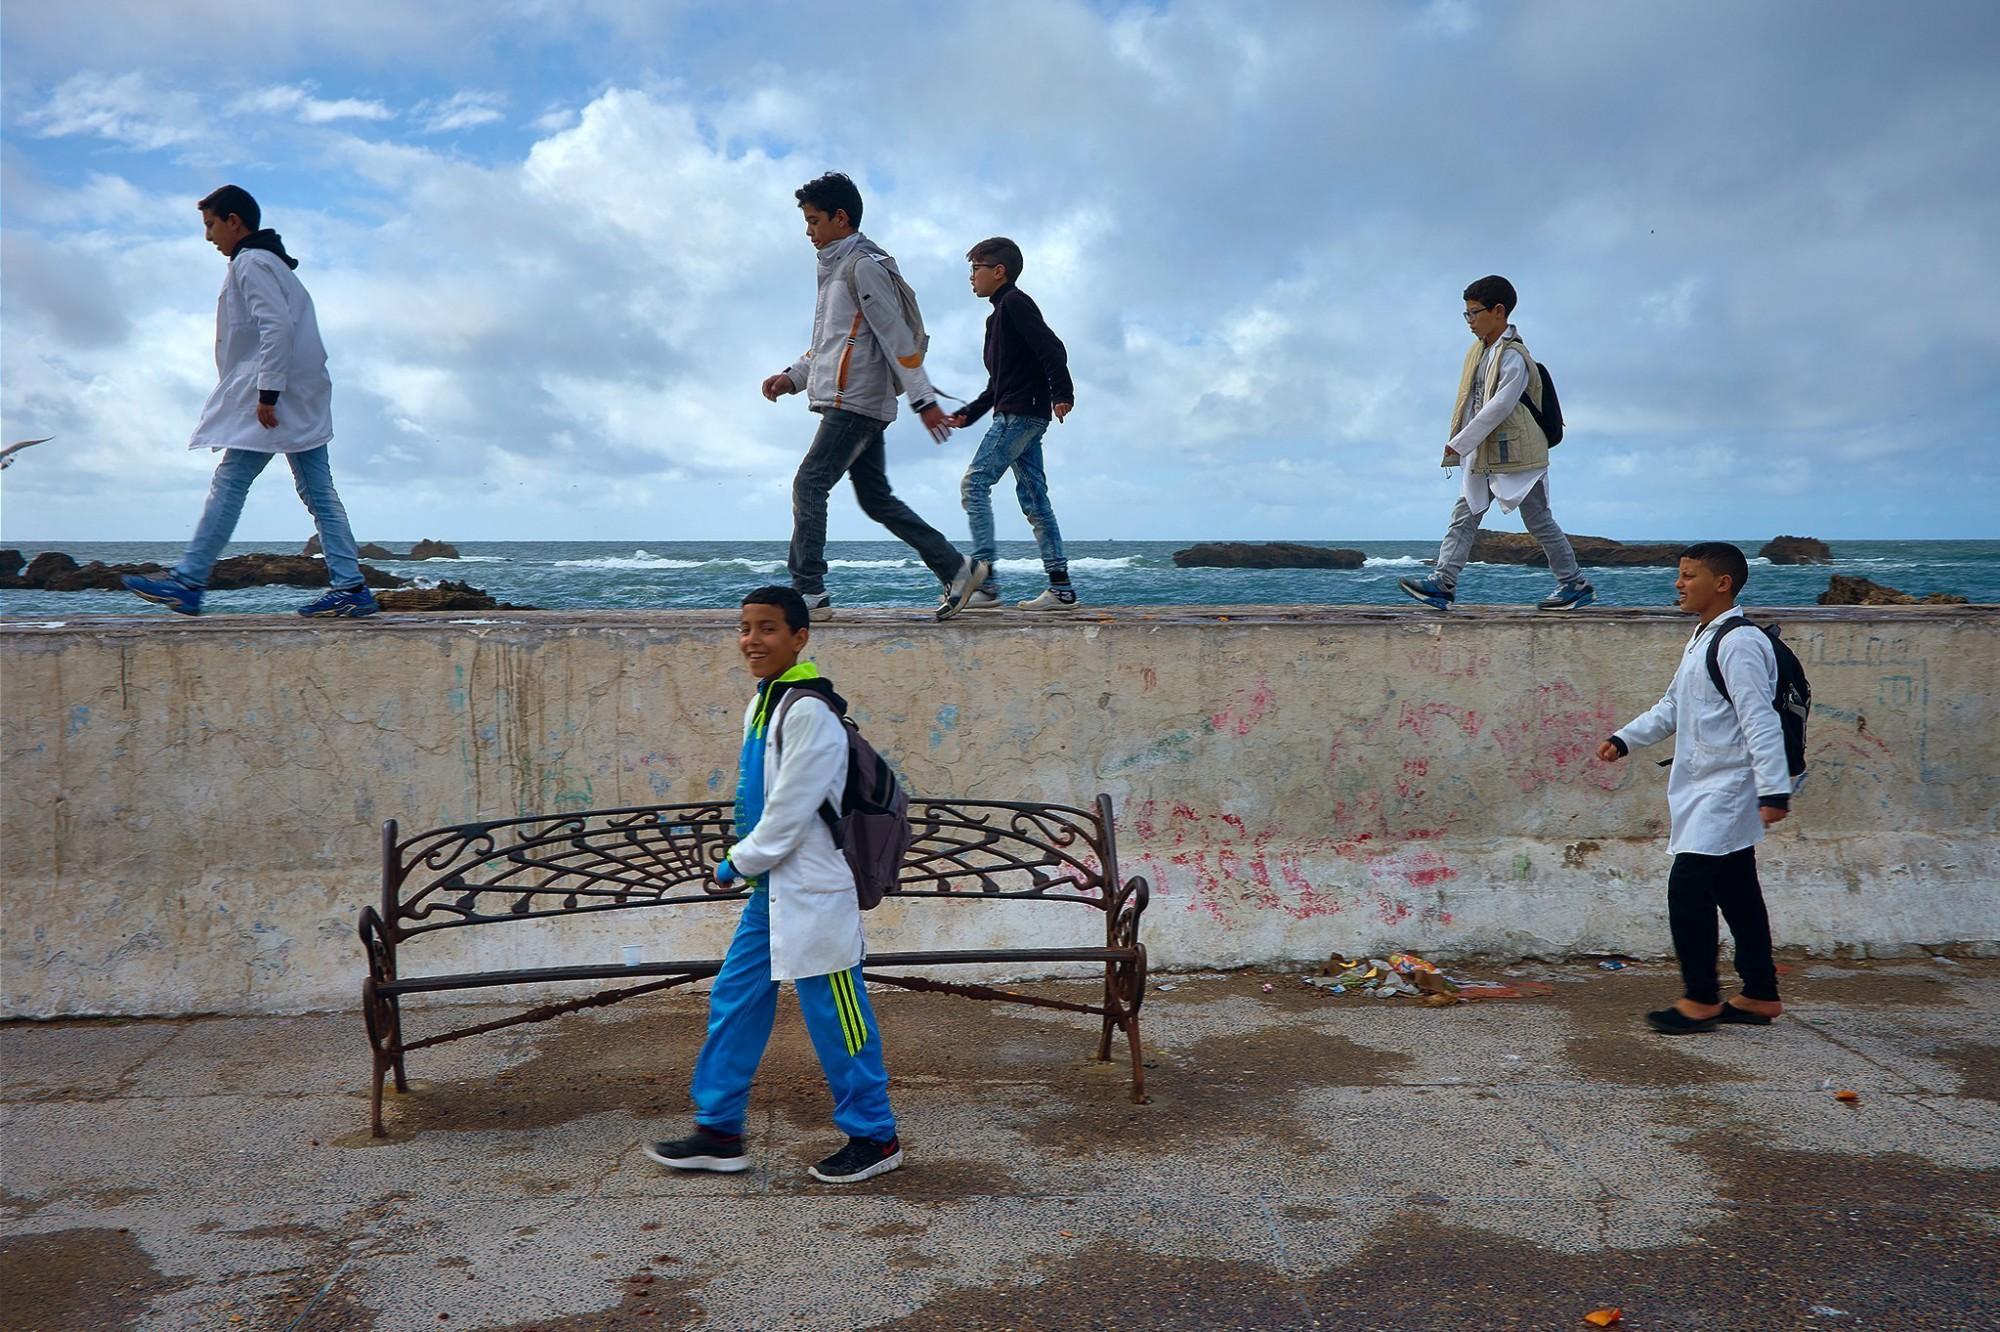 Afbeelding: Dominique Van Huffel, reisreportage, Marokko, Essaouira.